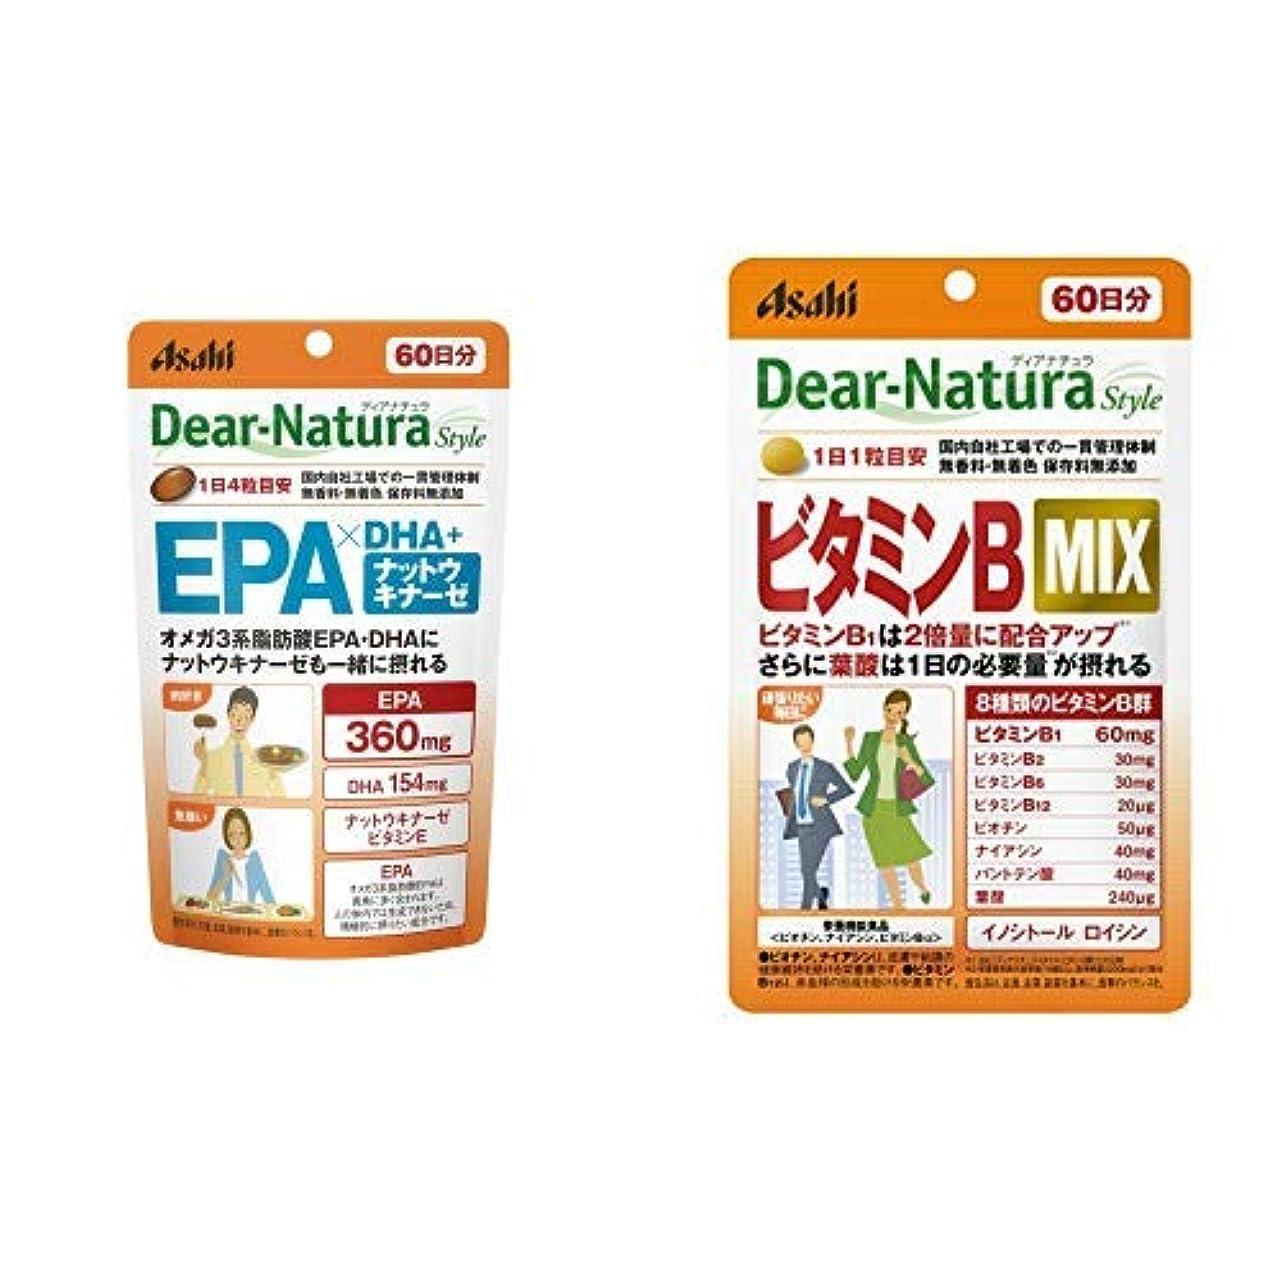 フェローシップ保護半球【セット買い】ディアナチュラスタイル EPA×DHA+ナットウキナーゼ 60日分 & ビタミンB MIX 60日分